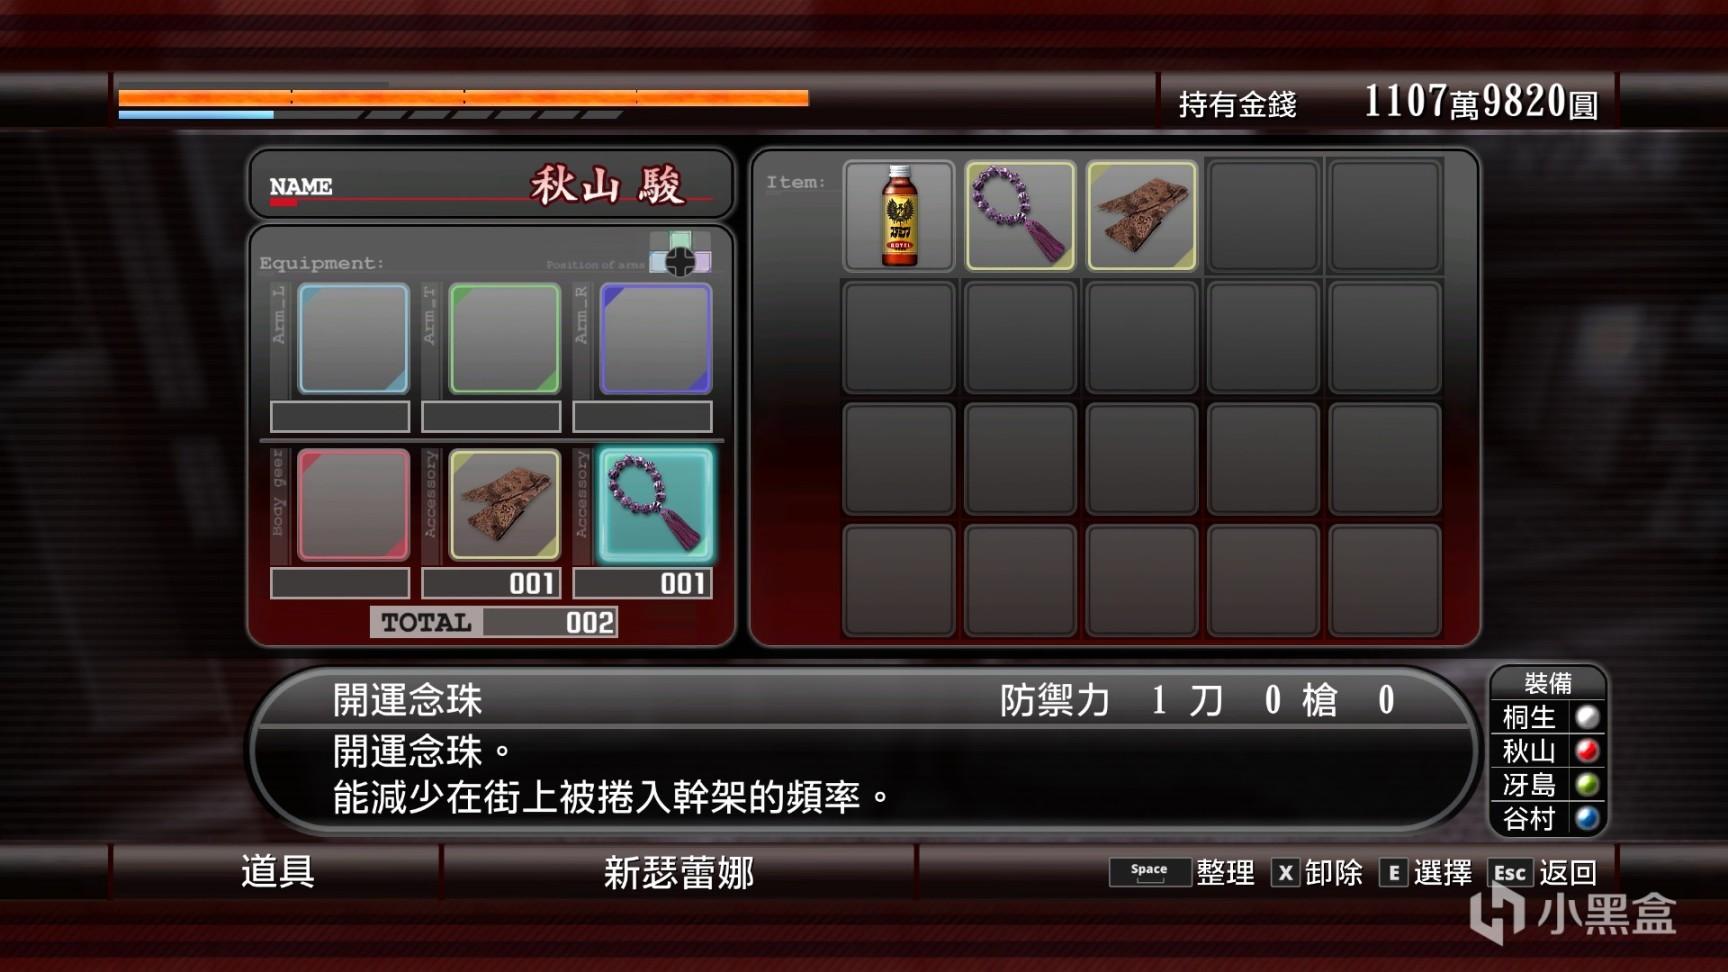 如龙(Yakuza)PC全系列(0~7)游戏介绍及游玩一览(中)插图25